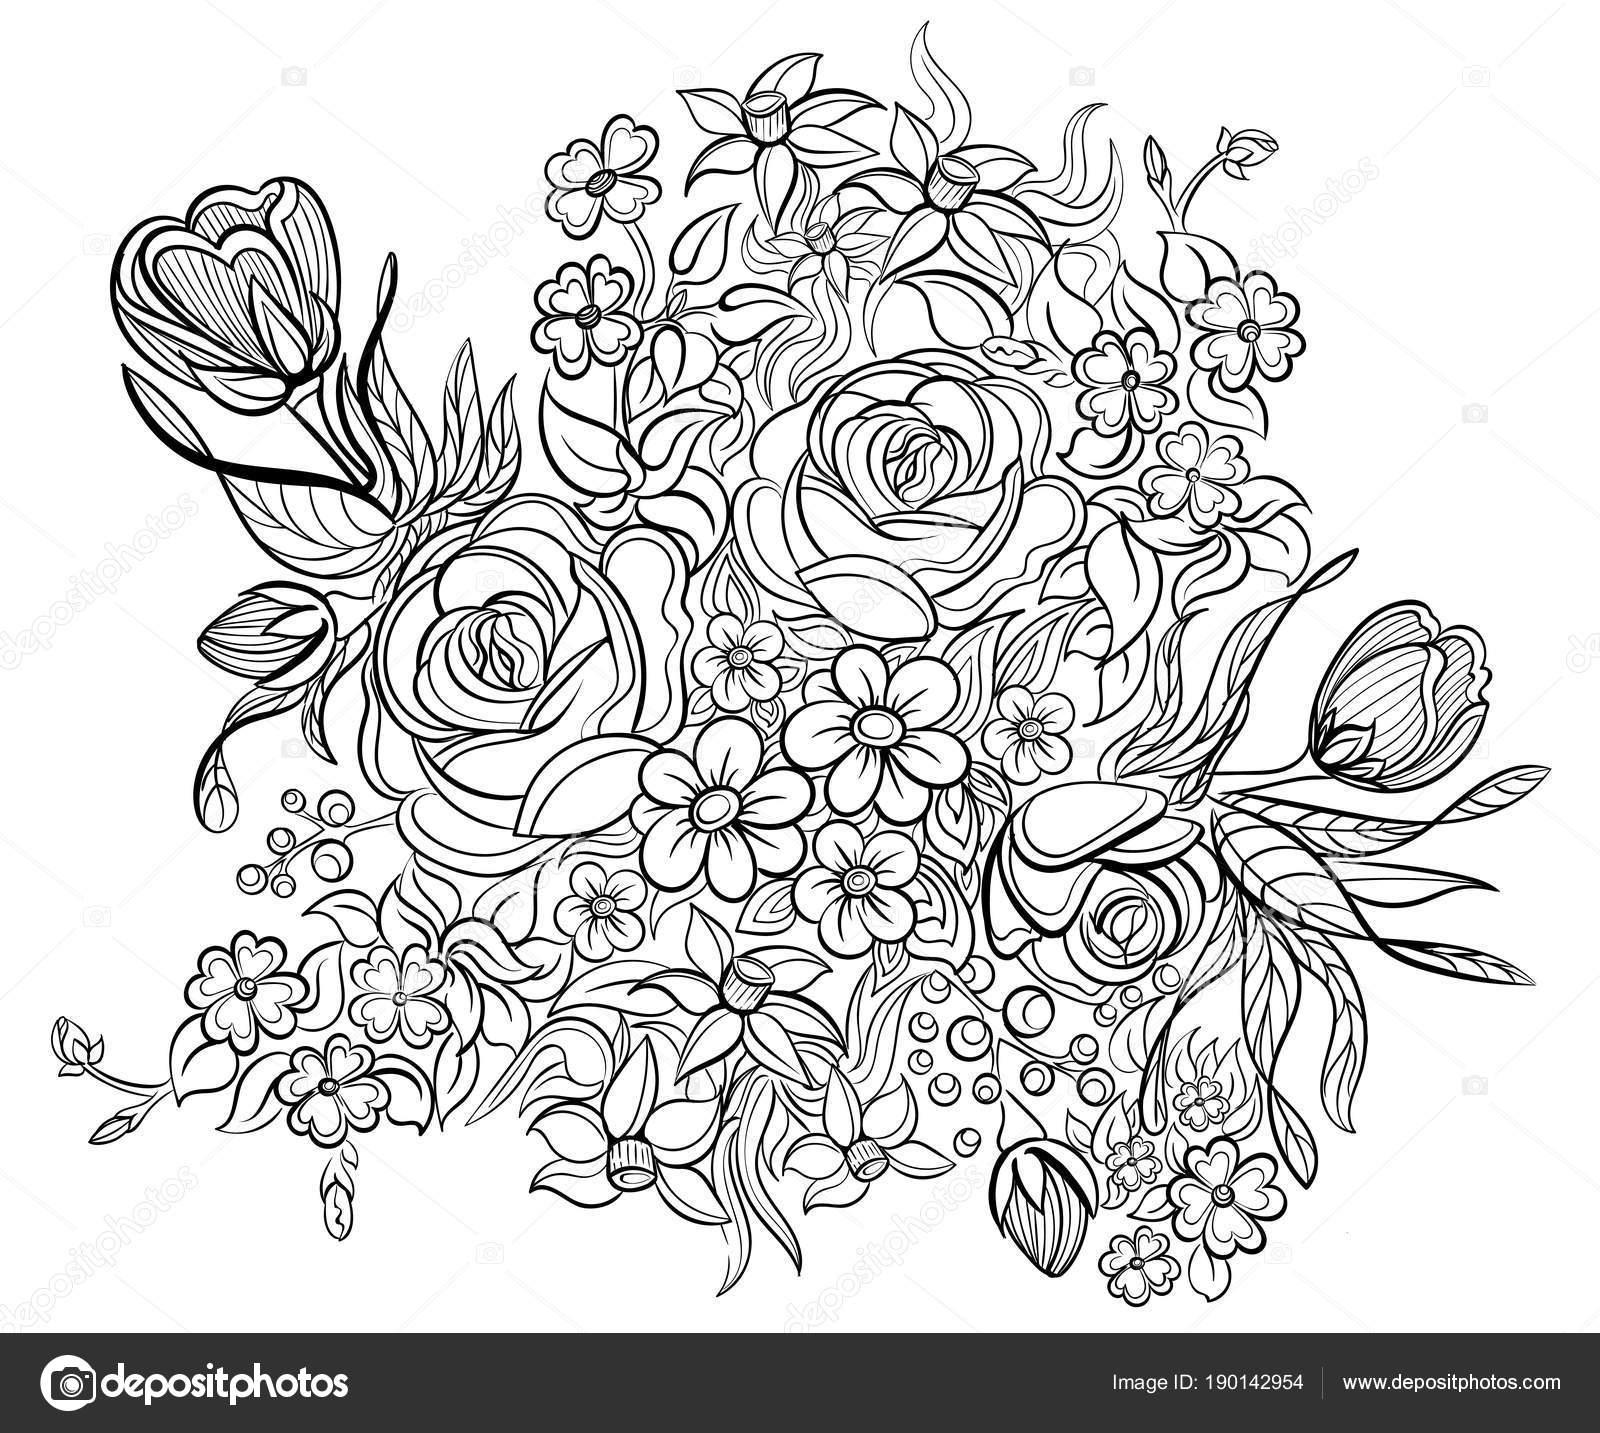 Kleurplaten Voor Volwassenen Tattoo.Floral Elementen En Bladeren Voor Coloring Boek Antistress